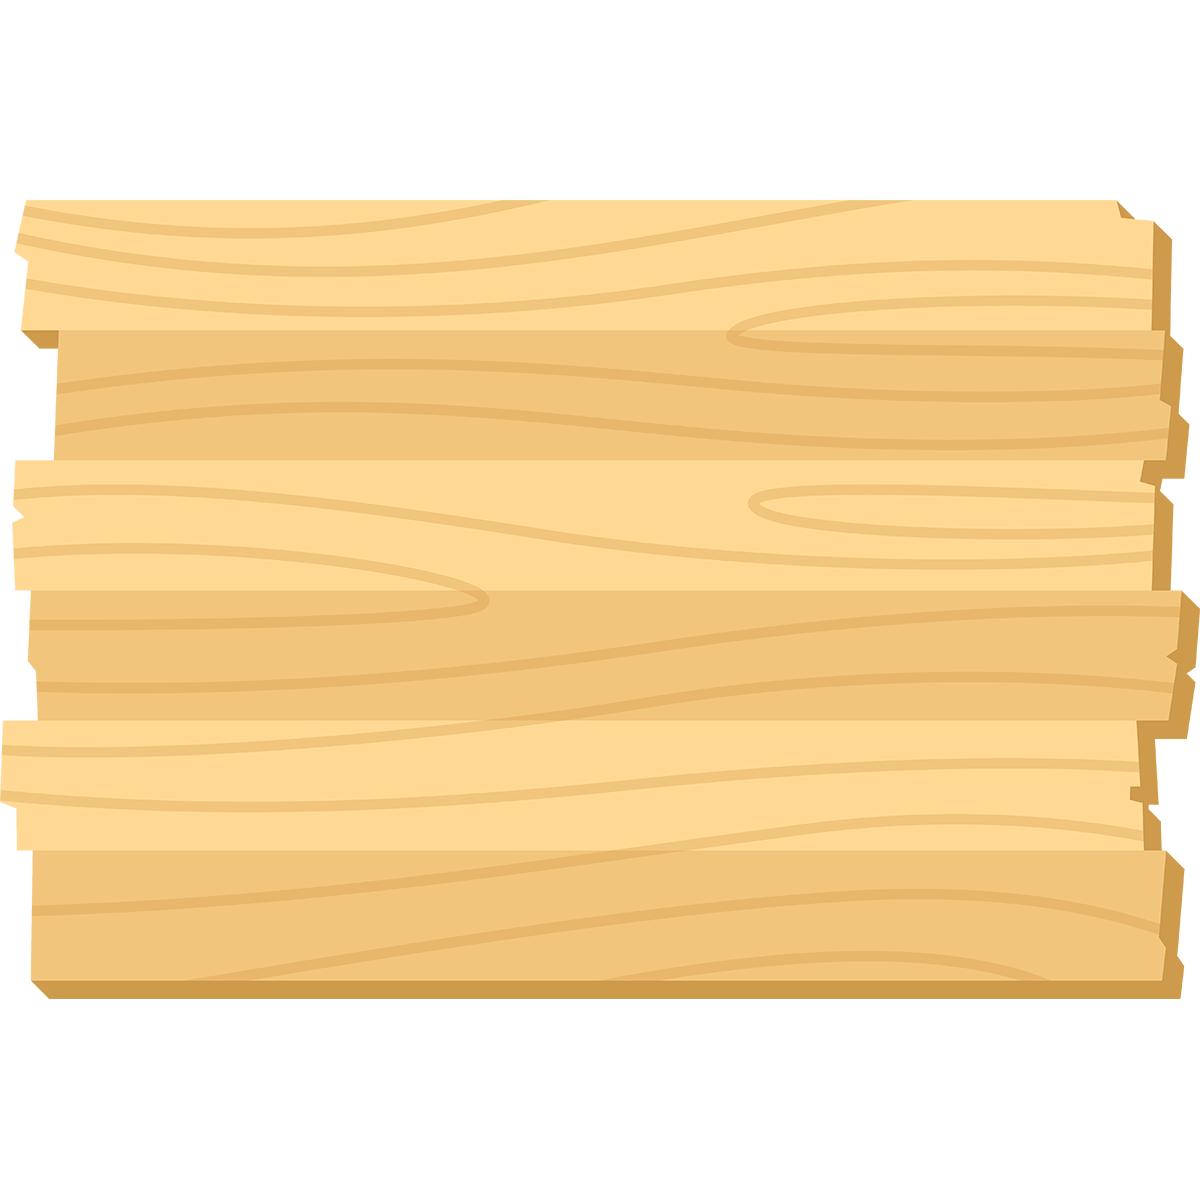 木の掲示板の無料イラスト